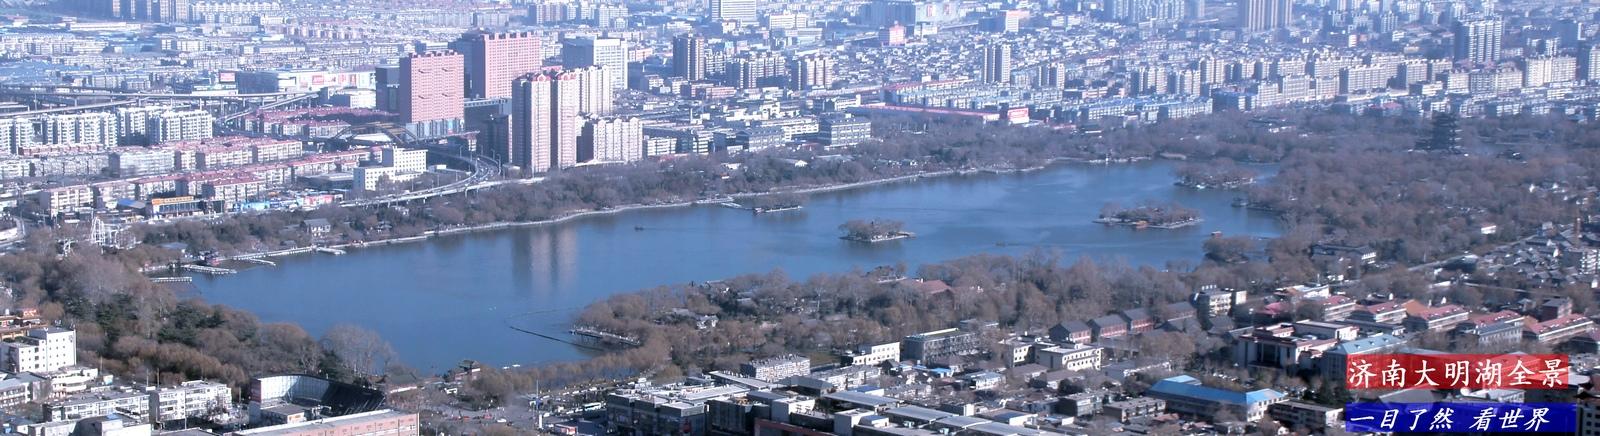 大明湖全景-2-1600.jpg